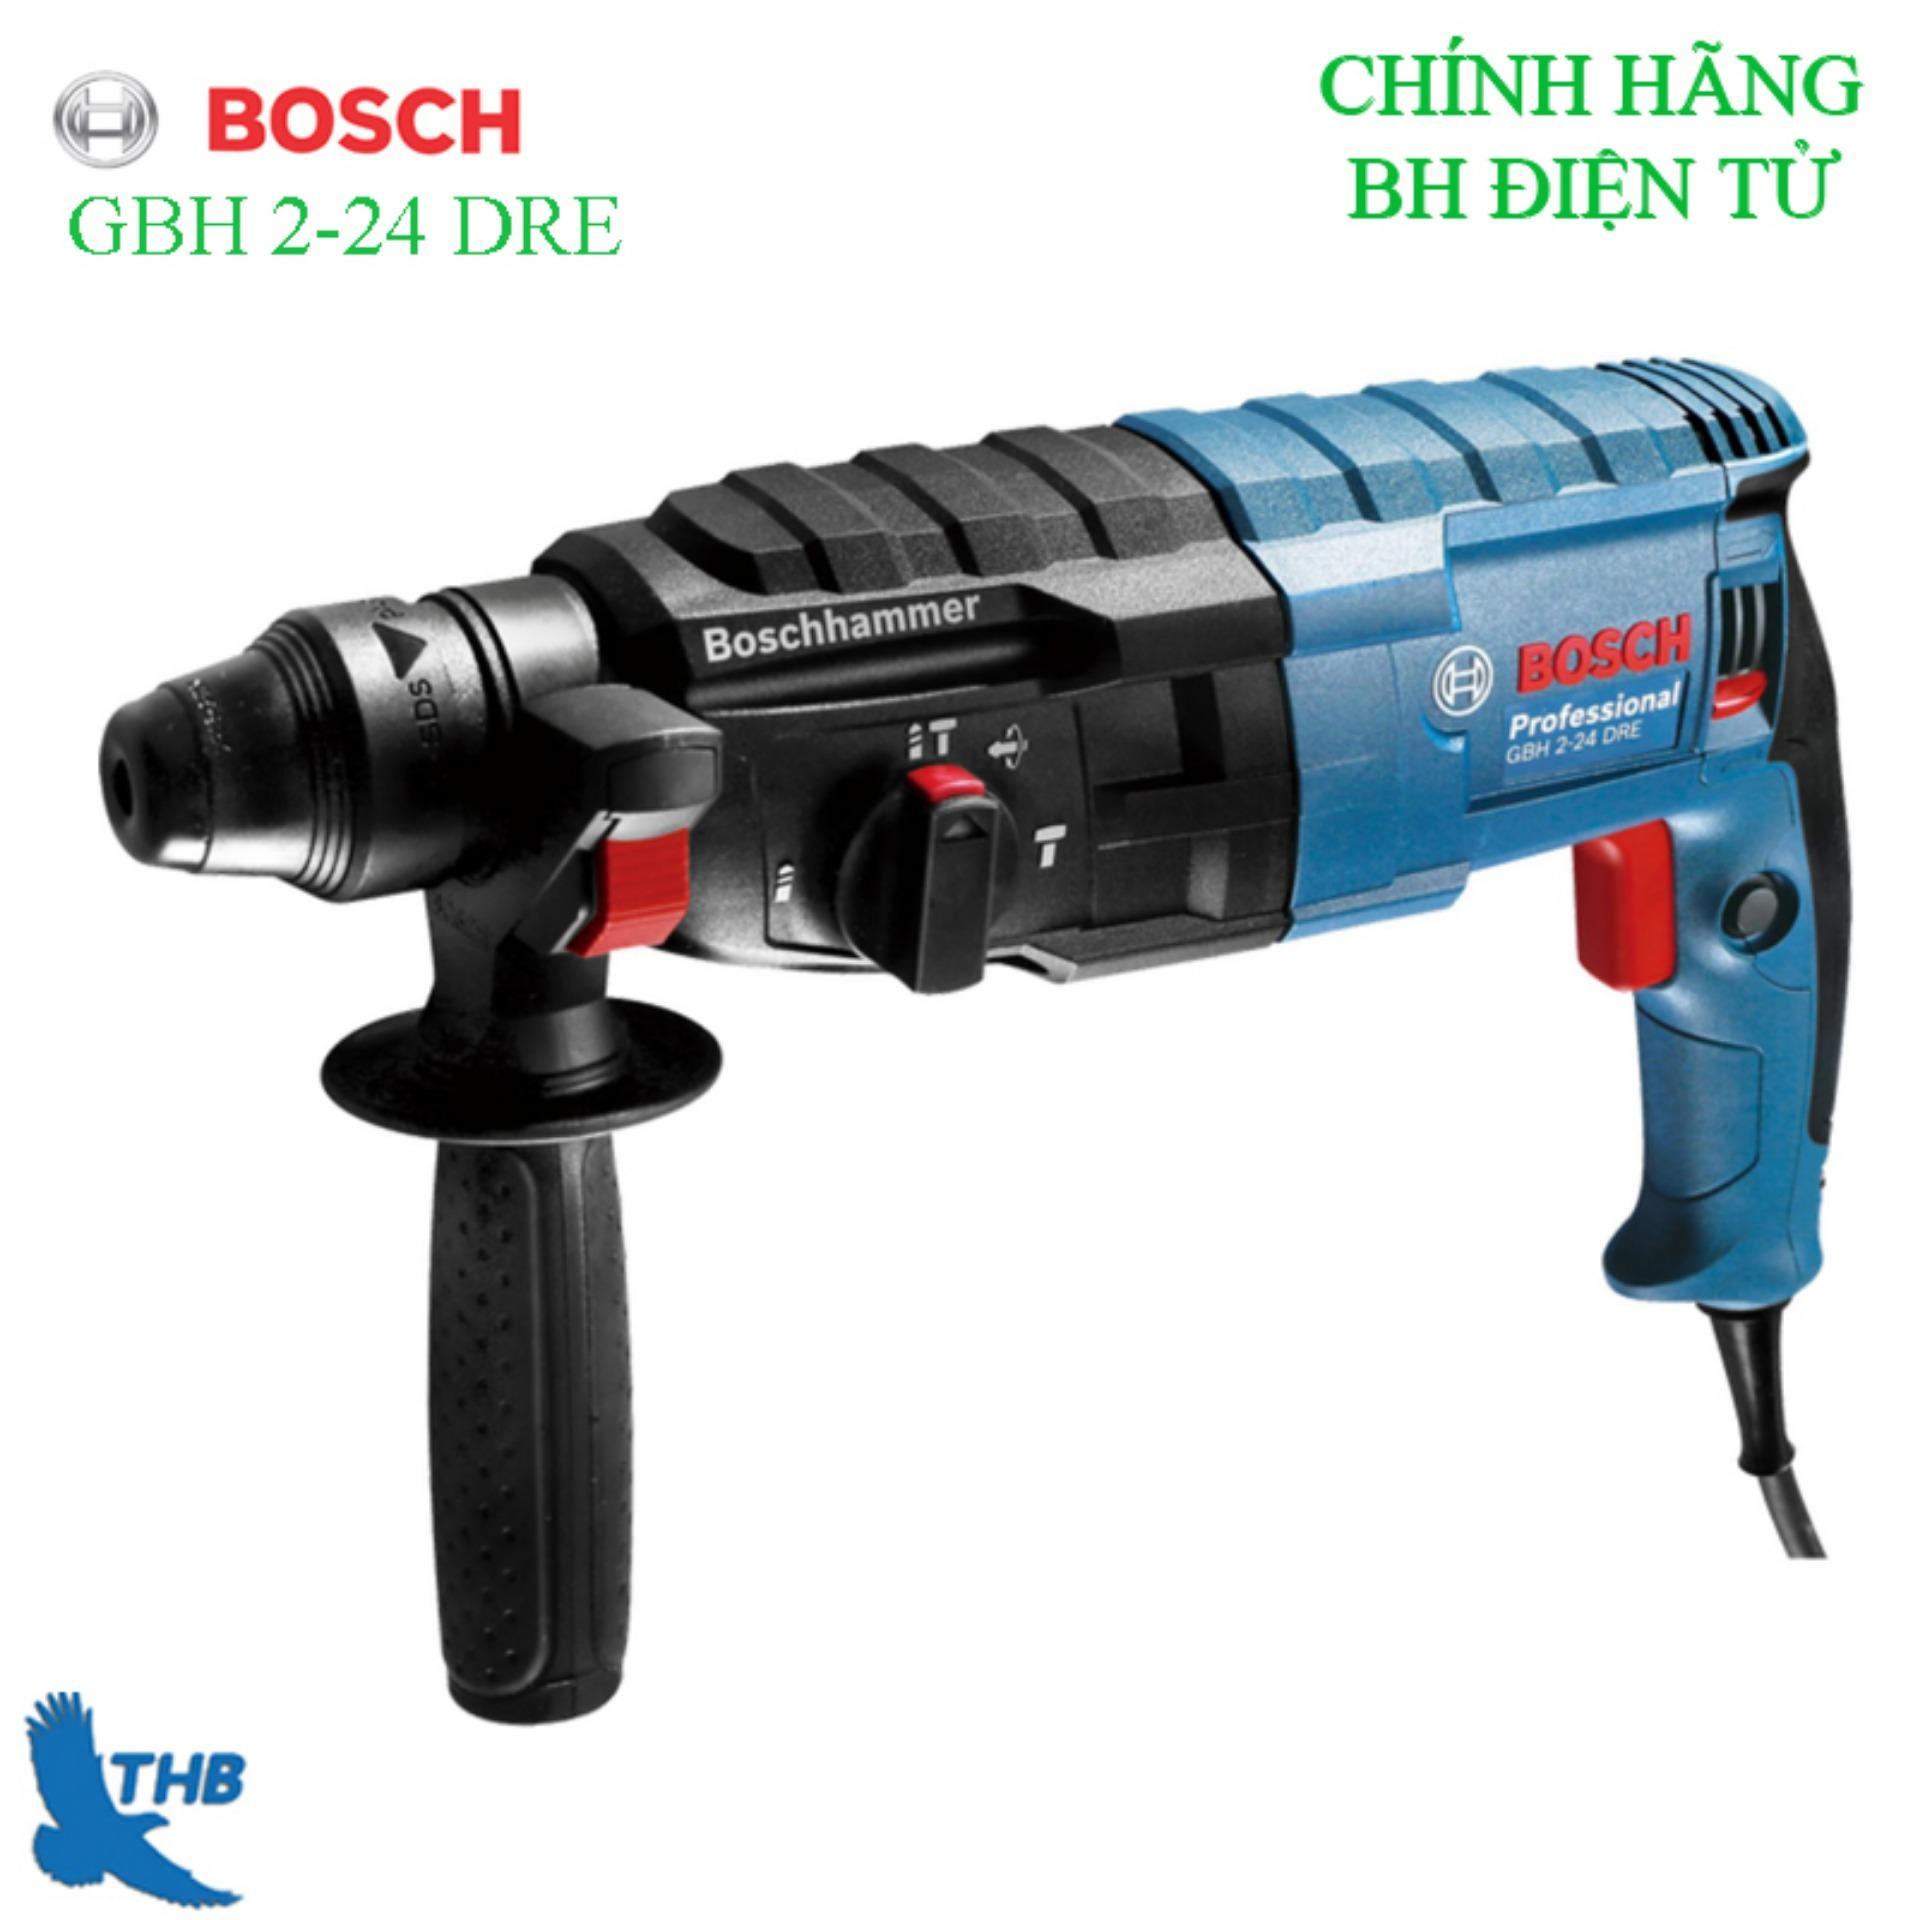 Máy khoan bê tông, máy khoan Búa, Máy khoan tường, Máy khoan đa năng, Máy khoan đa năng Máy khoan Bosch chính hãng GBH 2-24 DRE ( Công suất 790W khoan xoay, khoan búa, đảo chiều và đục )